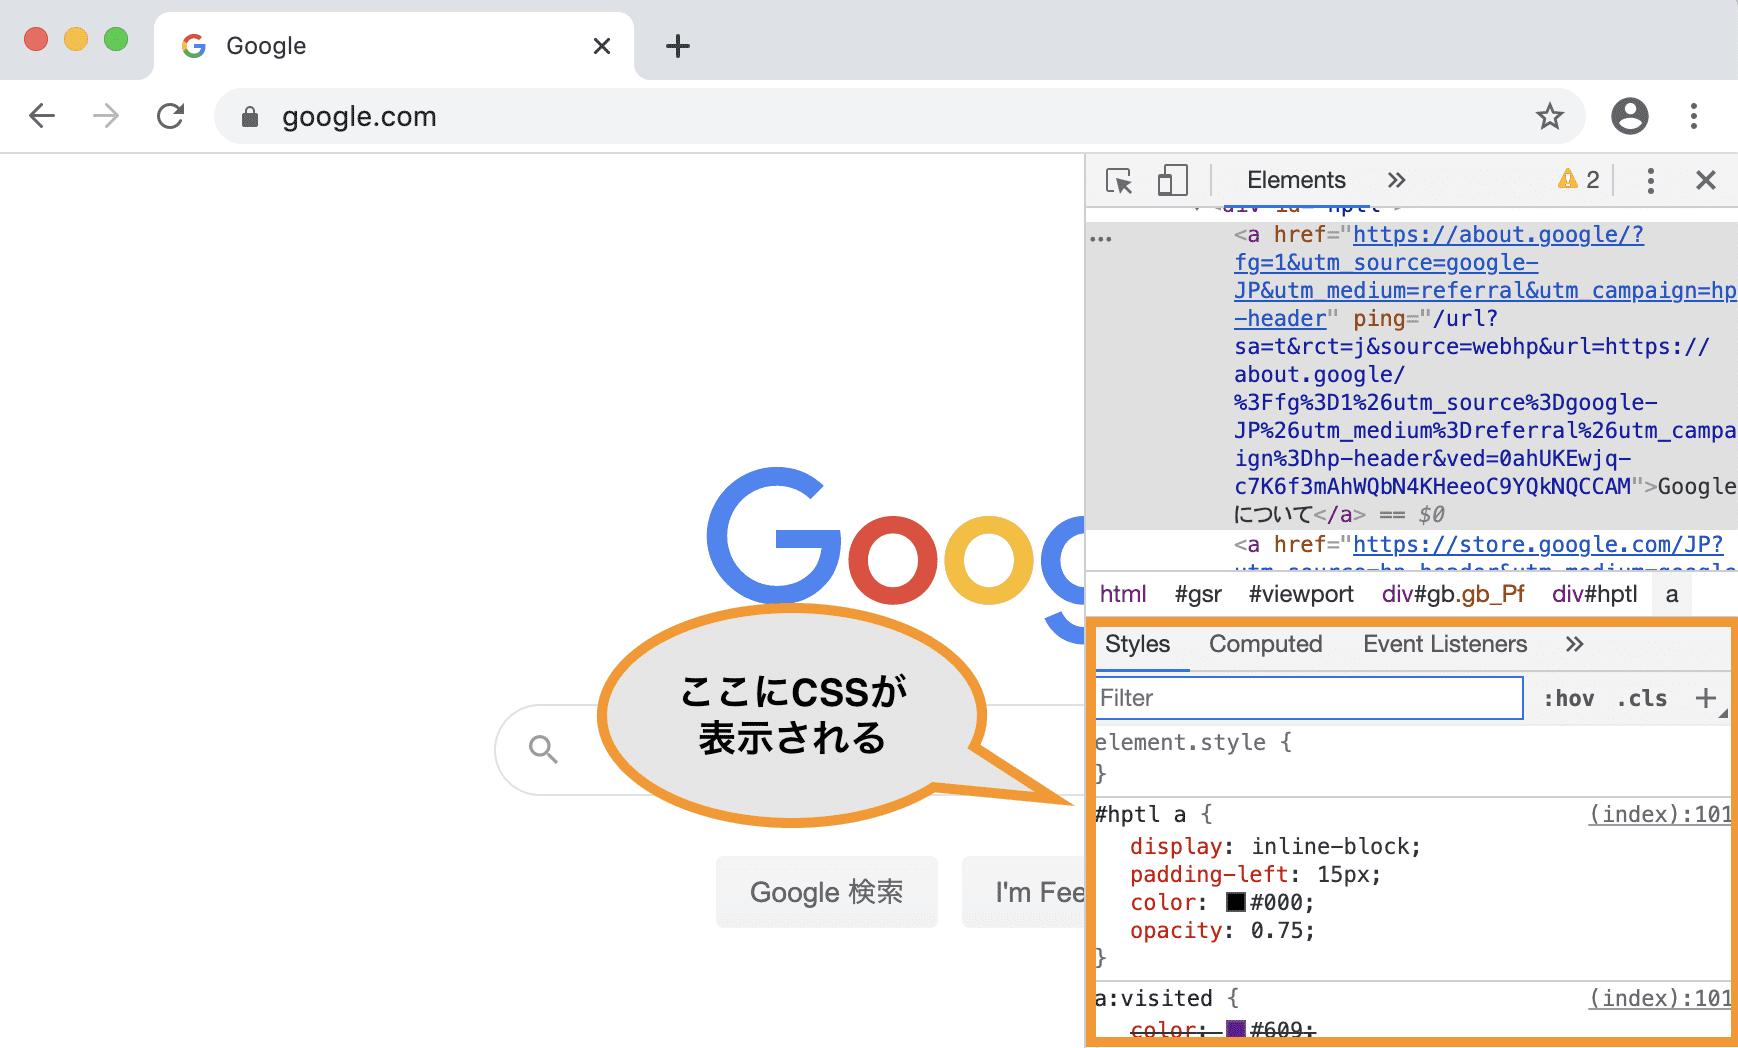 CSSを確認する